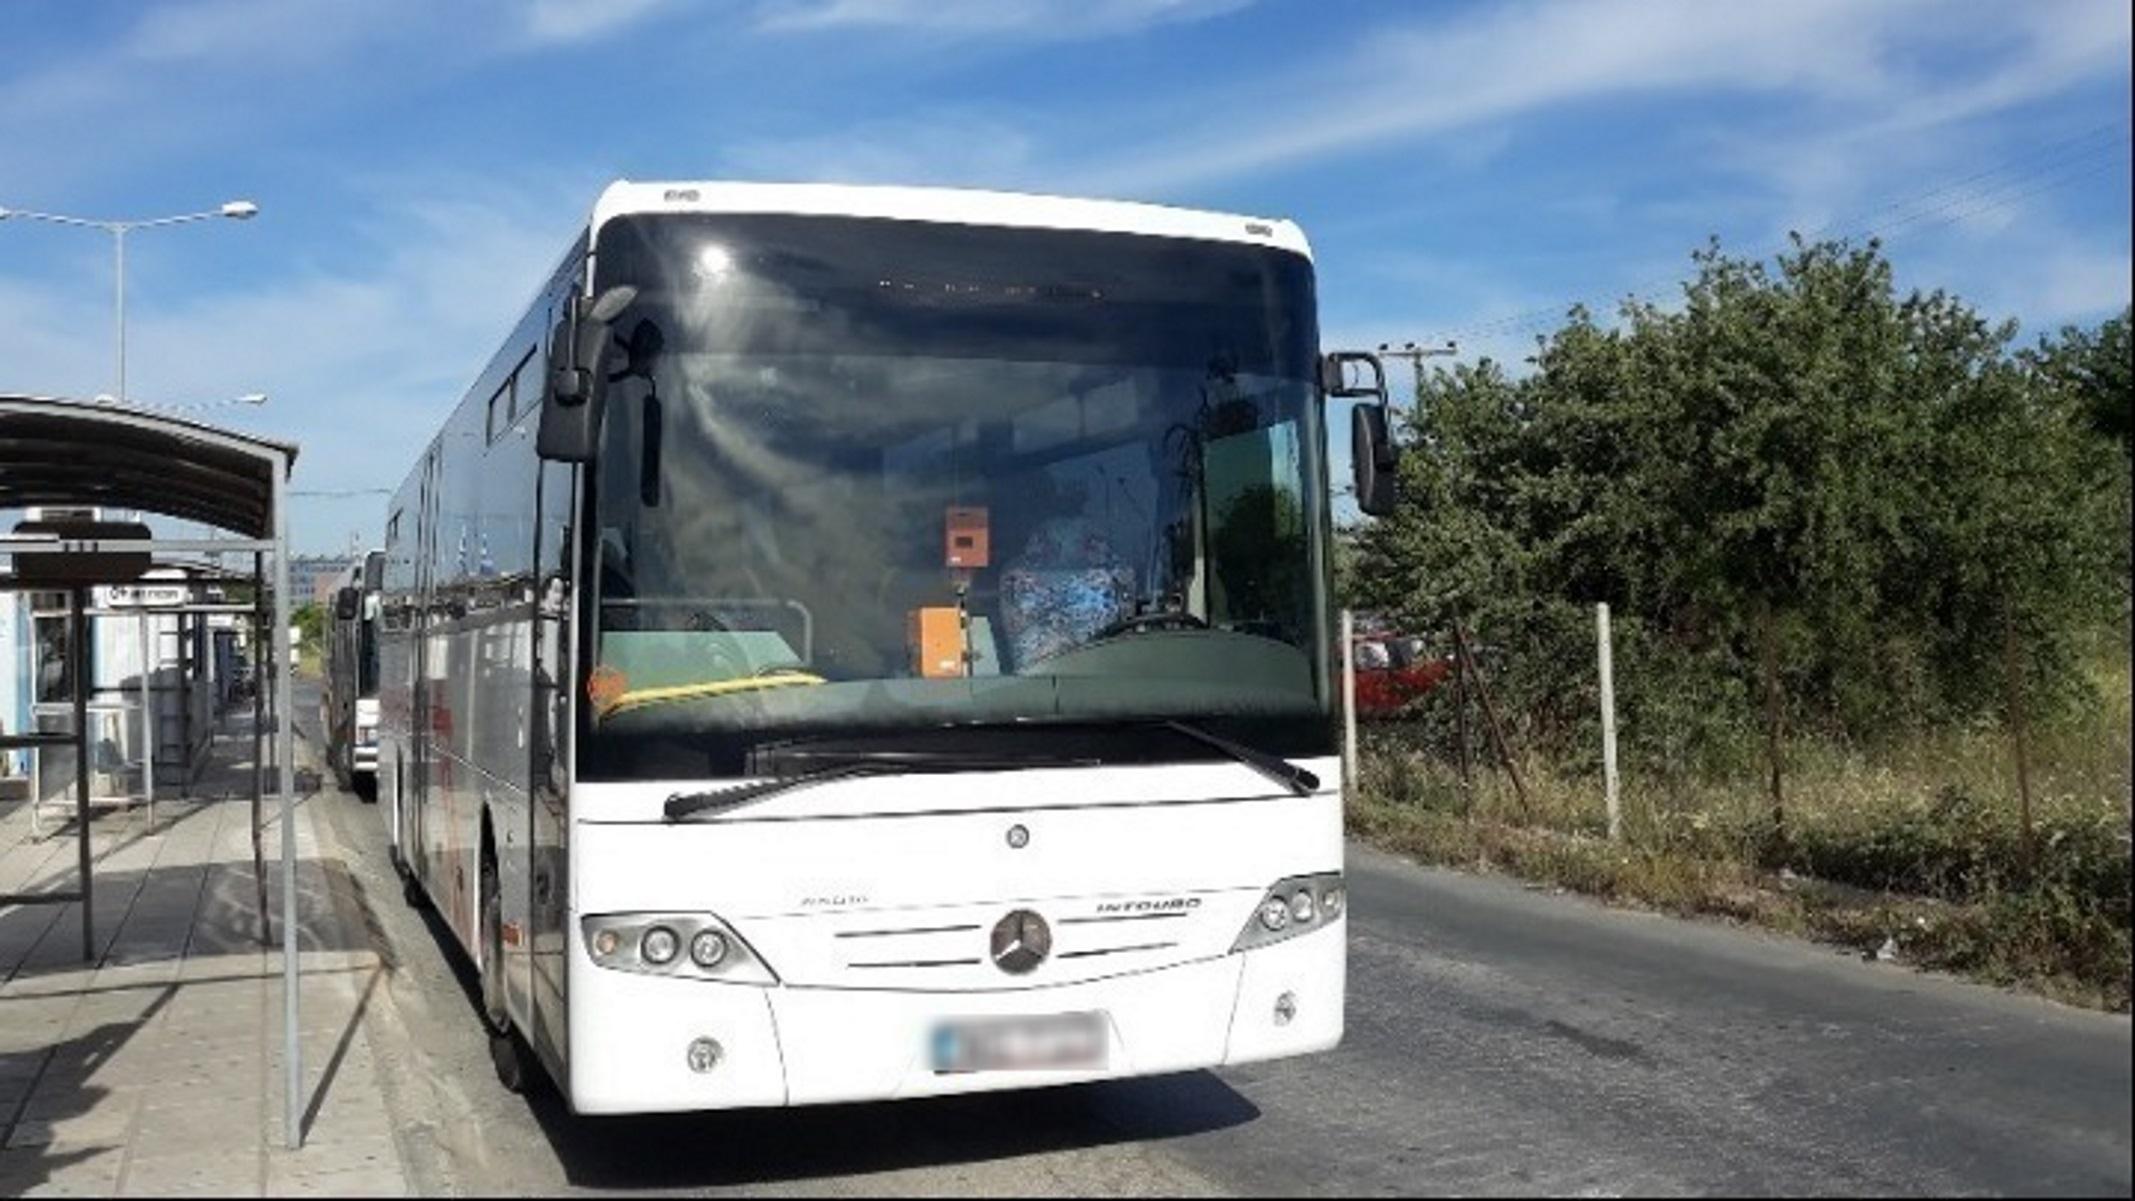 ΤΡΑΙΝΟΣΕ: Αλλαγές λεωφορειακών γραμμών στη διαδρομή Κιάτο – Πάτρα